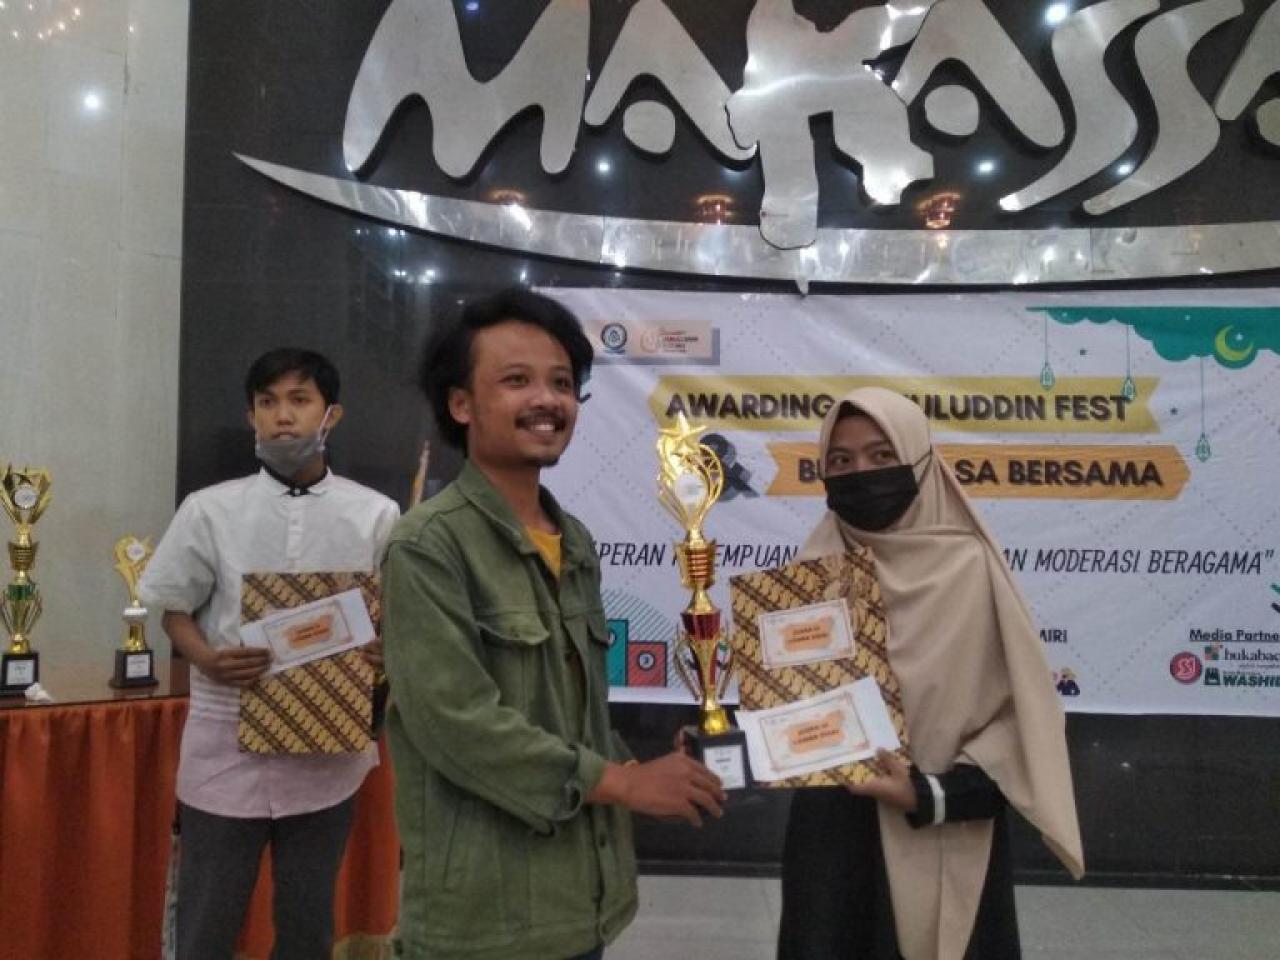 Dema FUFP Tutup Ushuluddin Fest dengan Buka Puasa Bersama